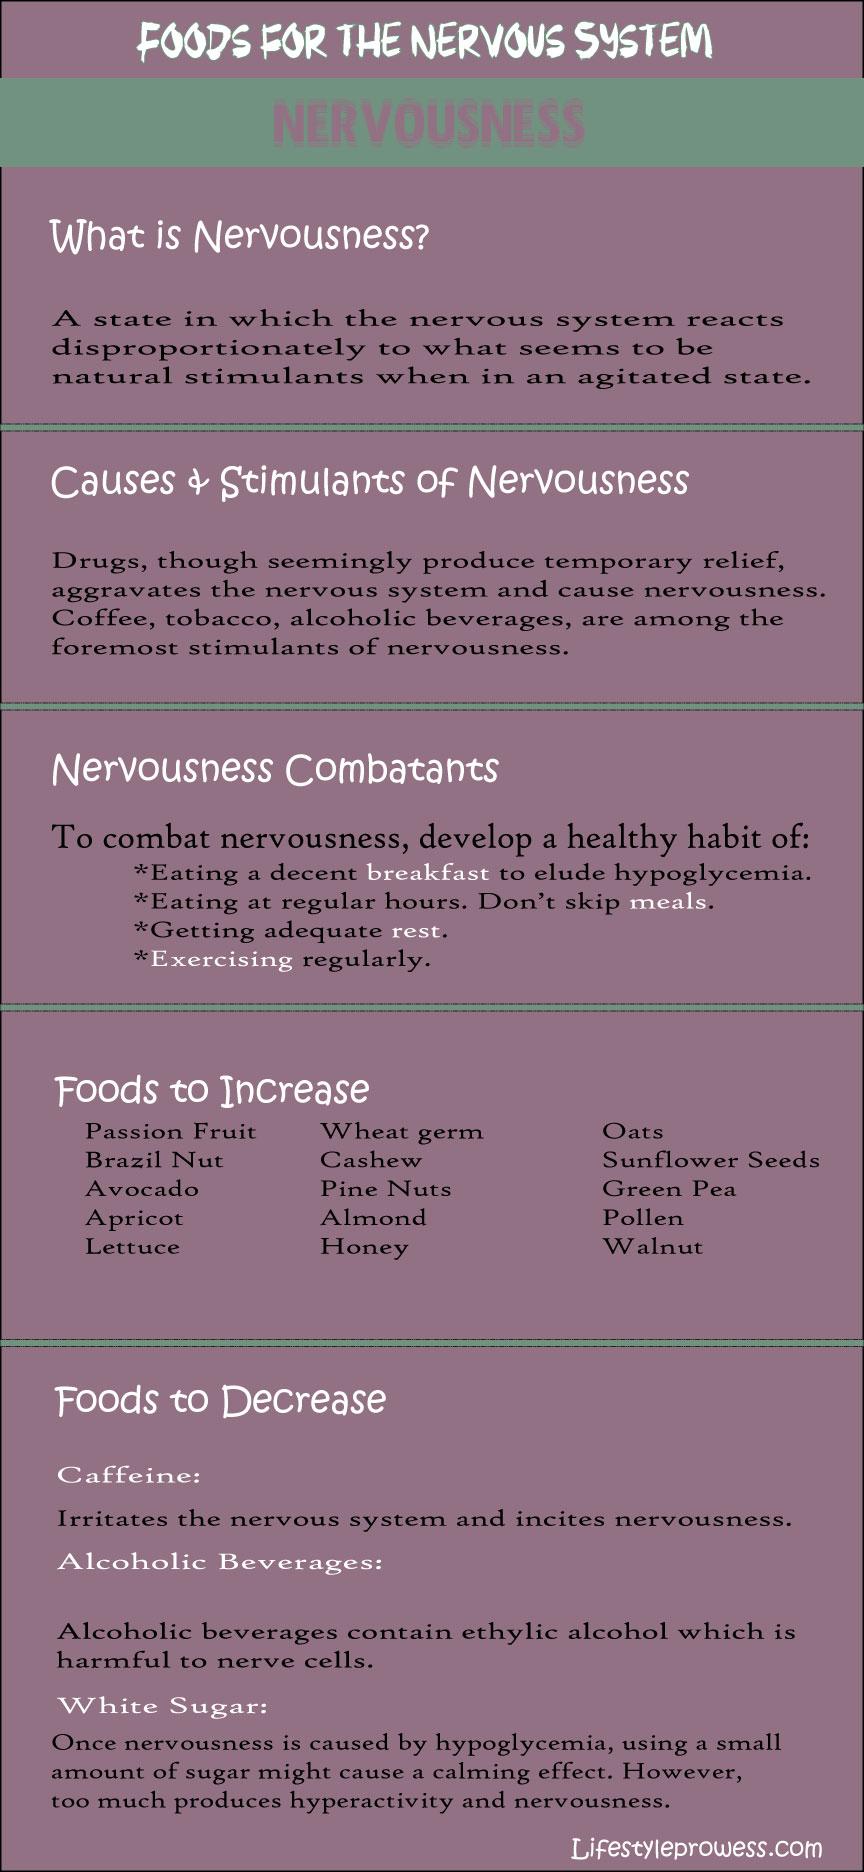 Nervousness-Foods-For-The-Nervous-System